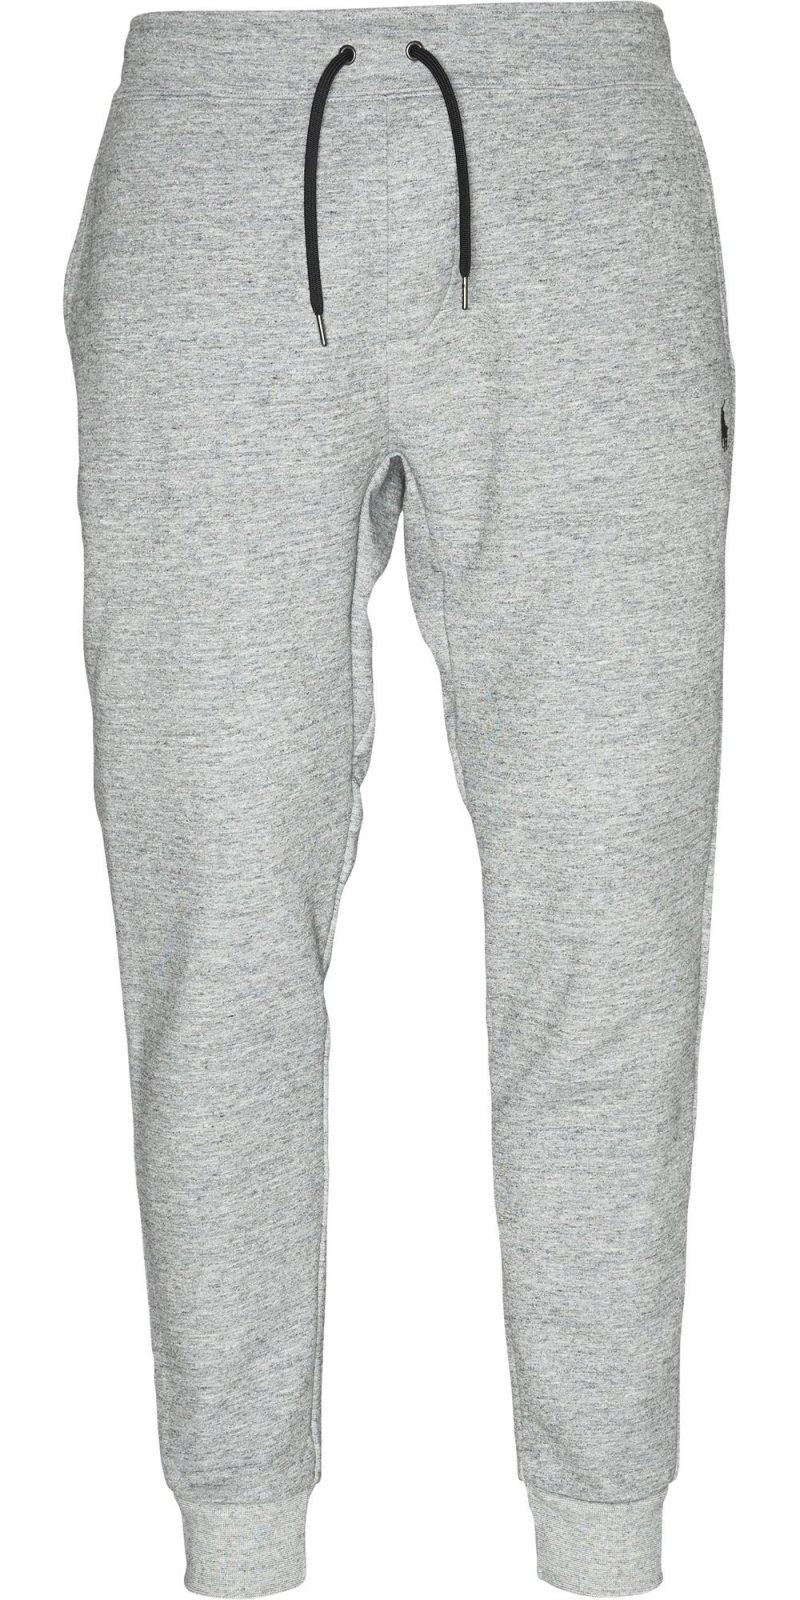 RALPH LAUREN jogging gris slim - A18KNTP6BR453ABK70 , Pantalon pour ... d29dbadef7af